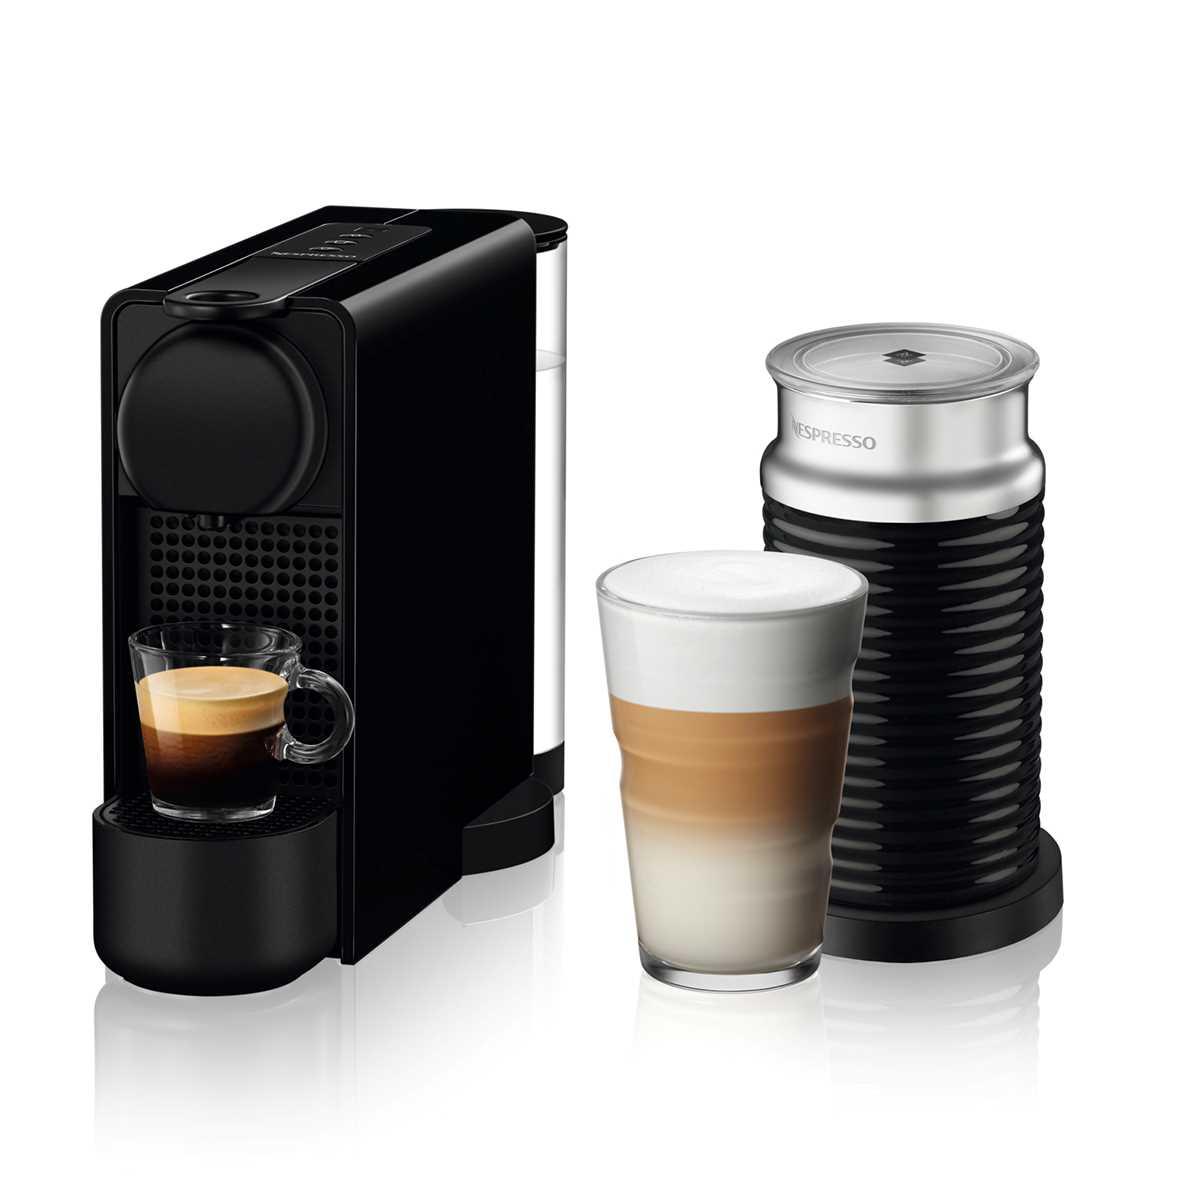 מכונת קפה NESPRESSO Essenza Plus C45 עם מקציף חלב - צבע שחור - תמונה 1